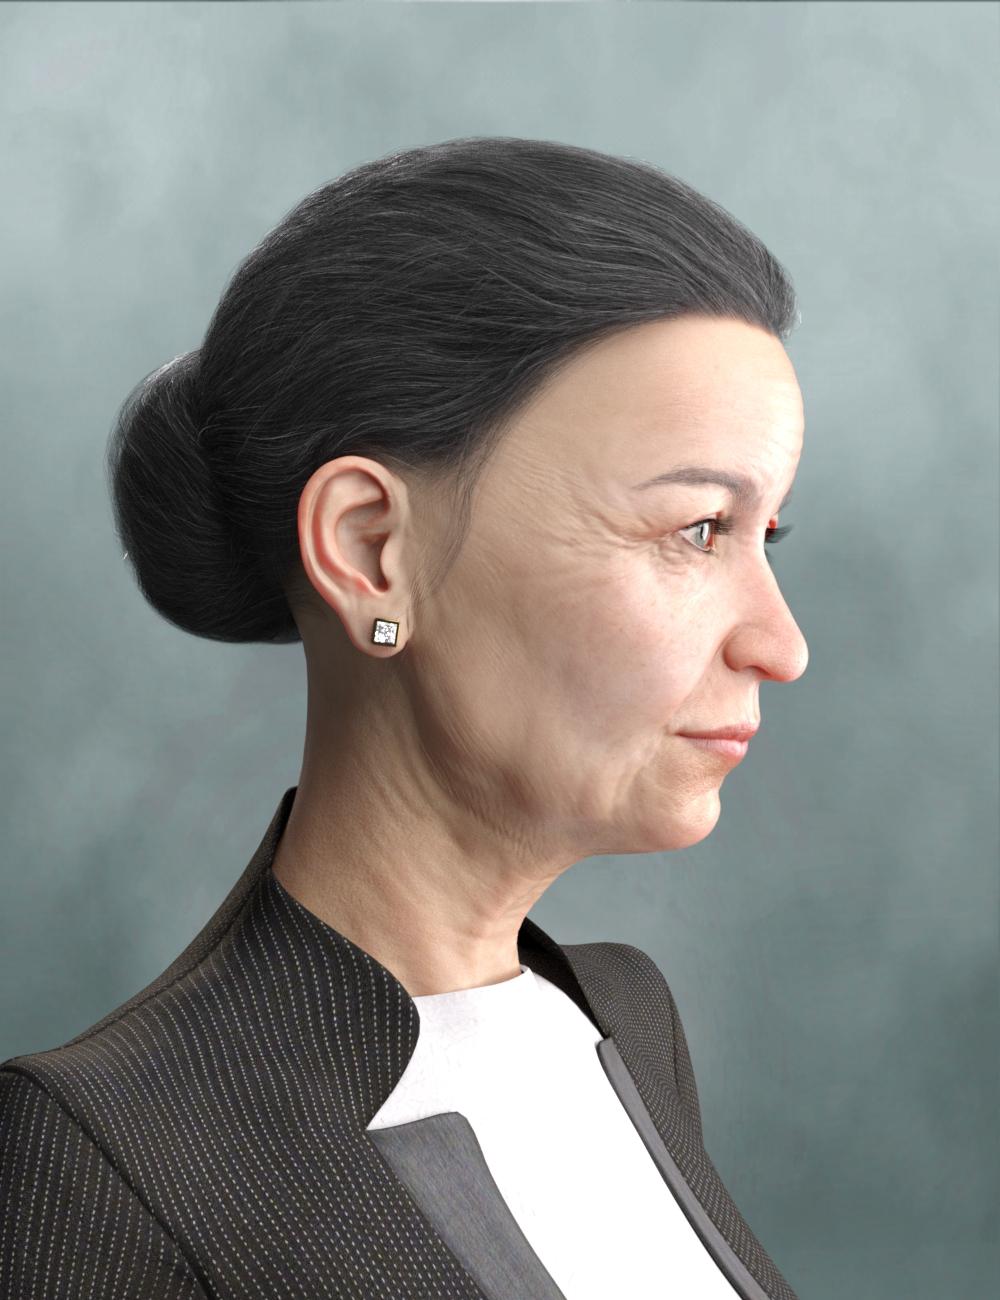 Elegant Bun Hair for Genesis 8 and Genesis 3 Female(s) by: RedzStudio, 3D Models by Daz 3D